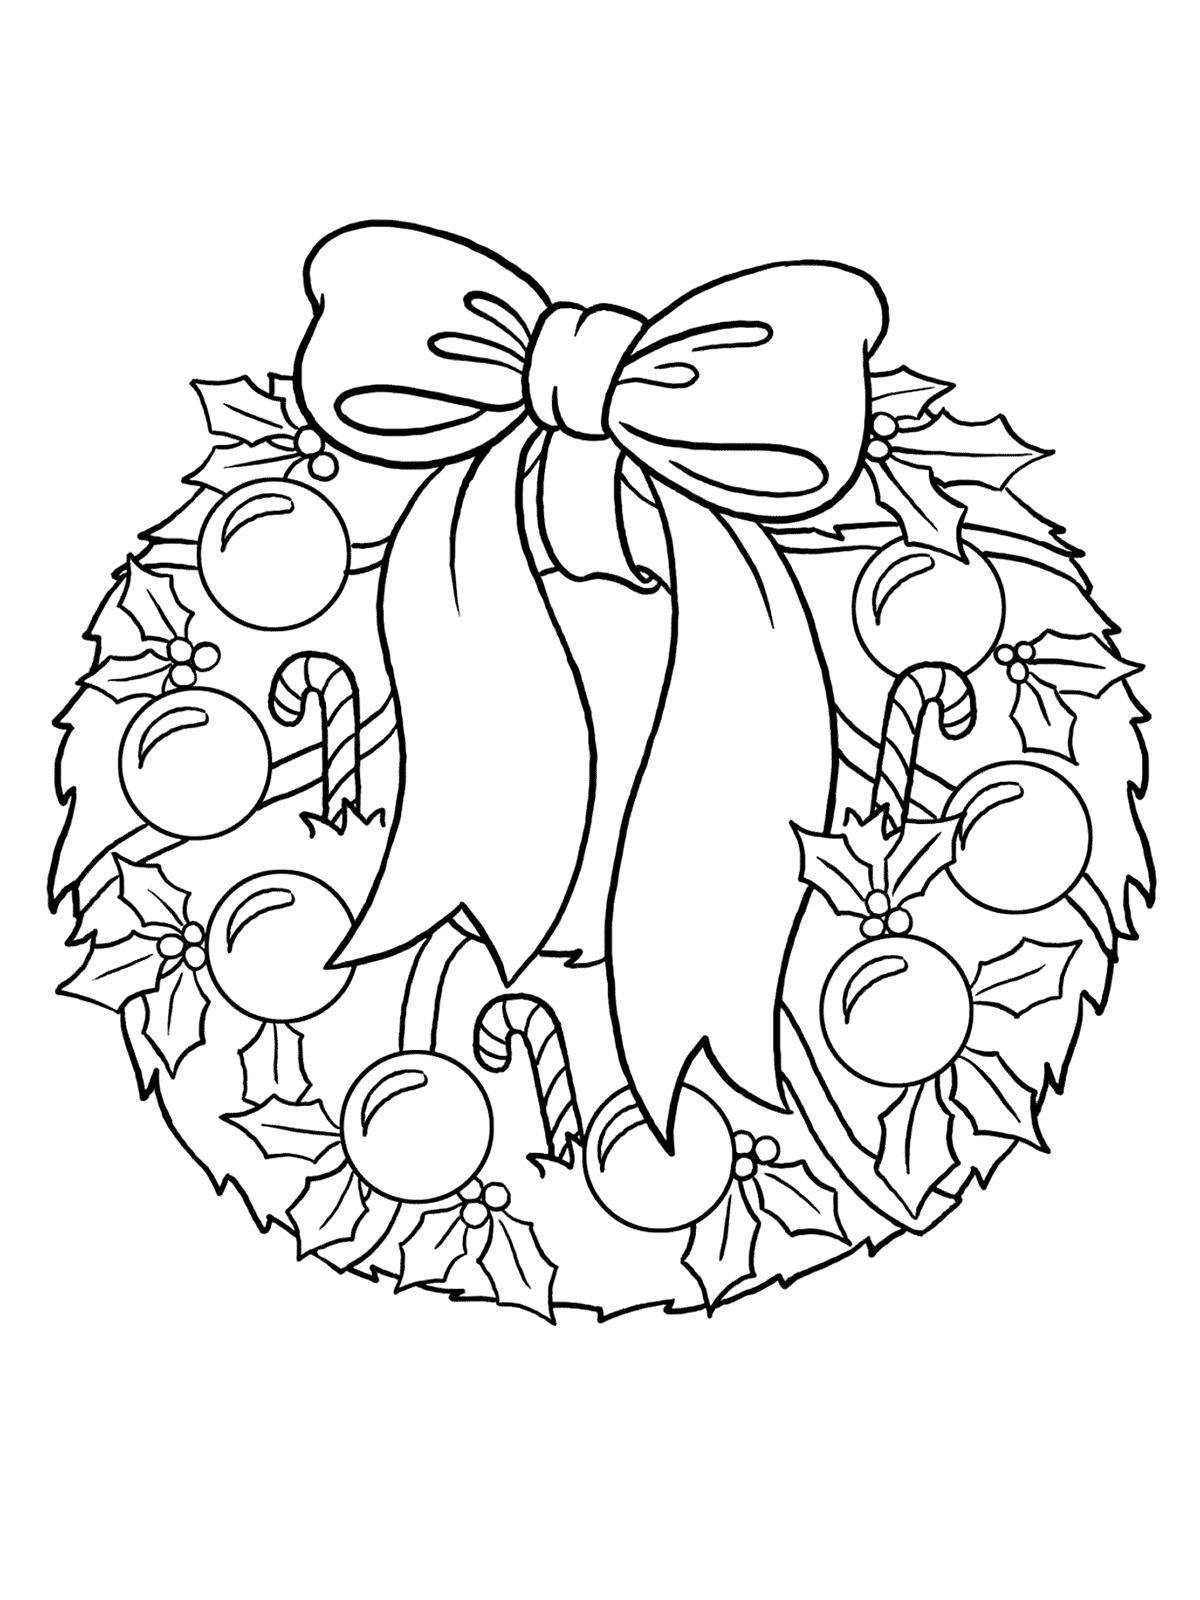 Раскраска Рождественский венок